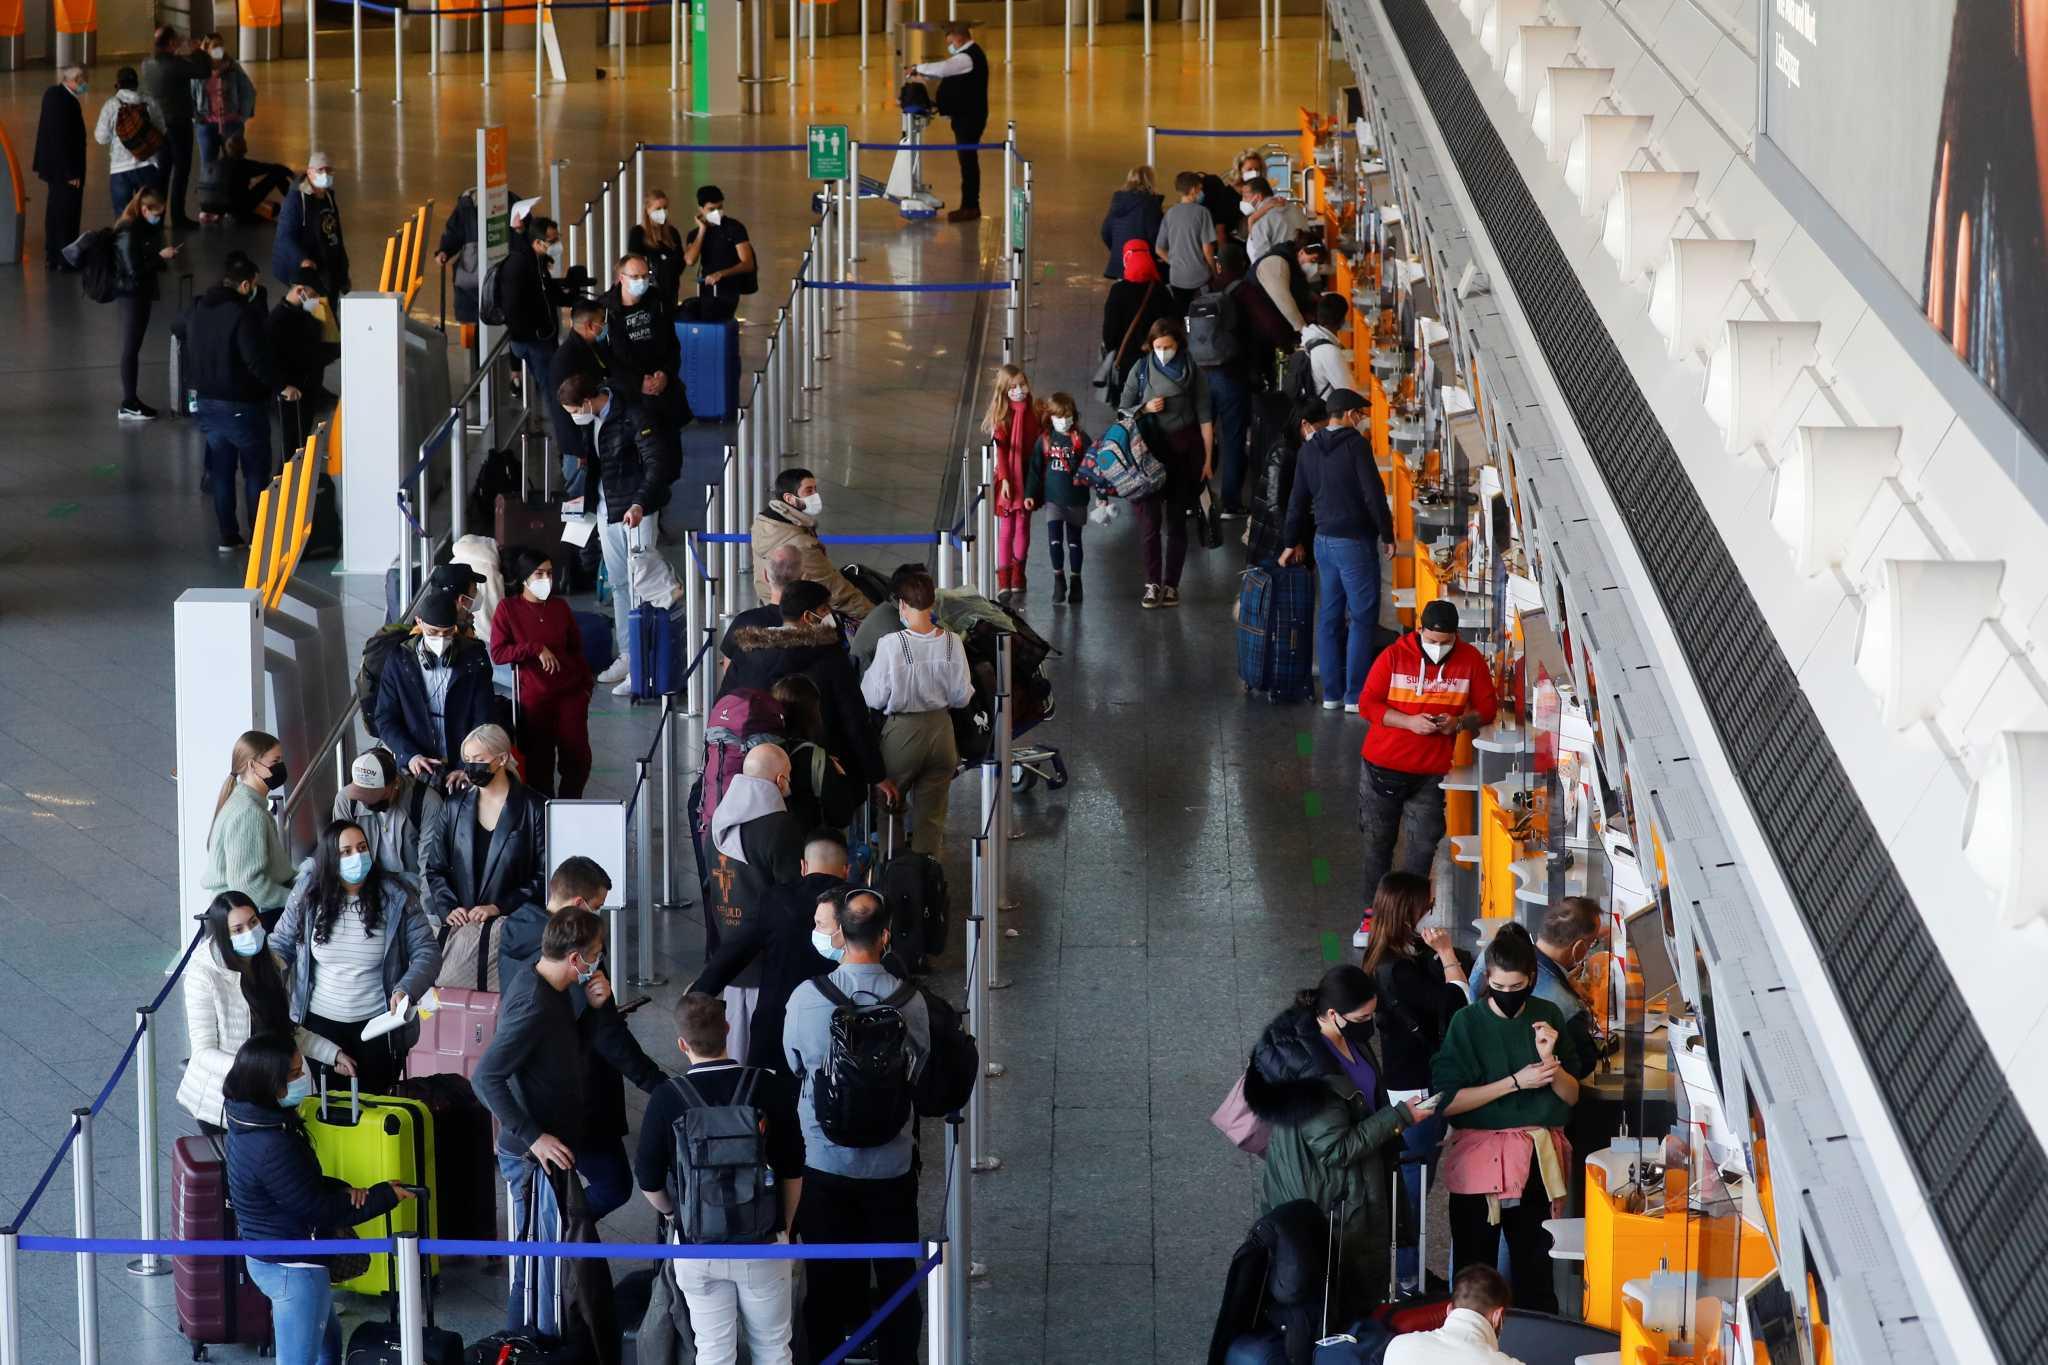 Γερμανία: «Καραντίνα – free» οι ταξιδιώτες που εμβολιάστηκαν, ανάρρωσαν ή έχουν αρνητικό τεστ